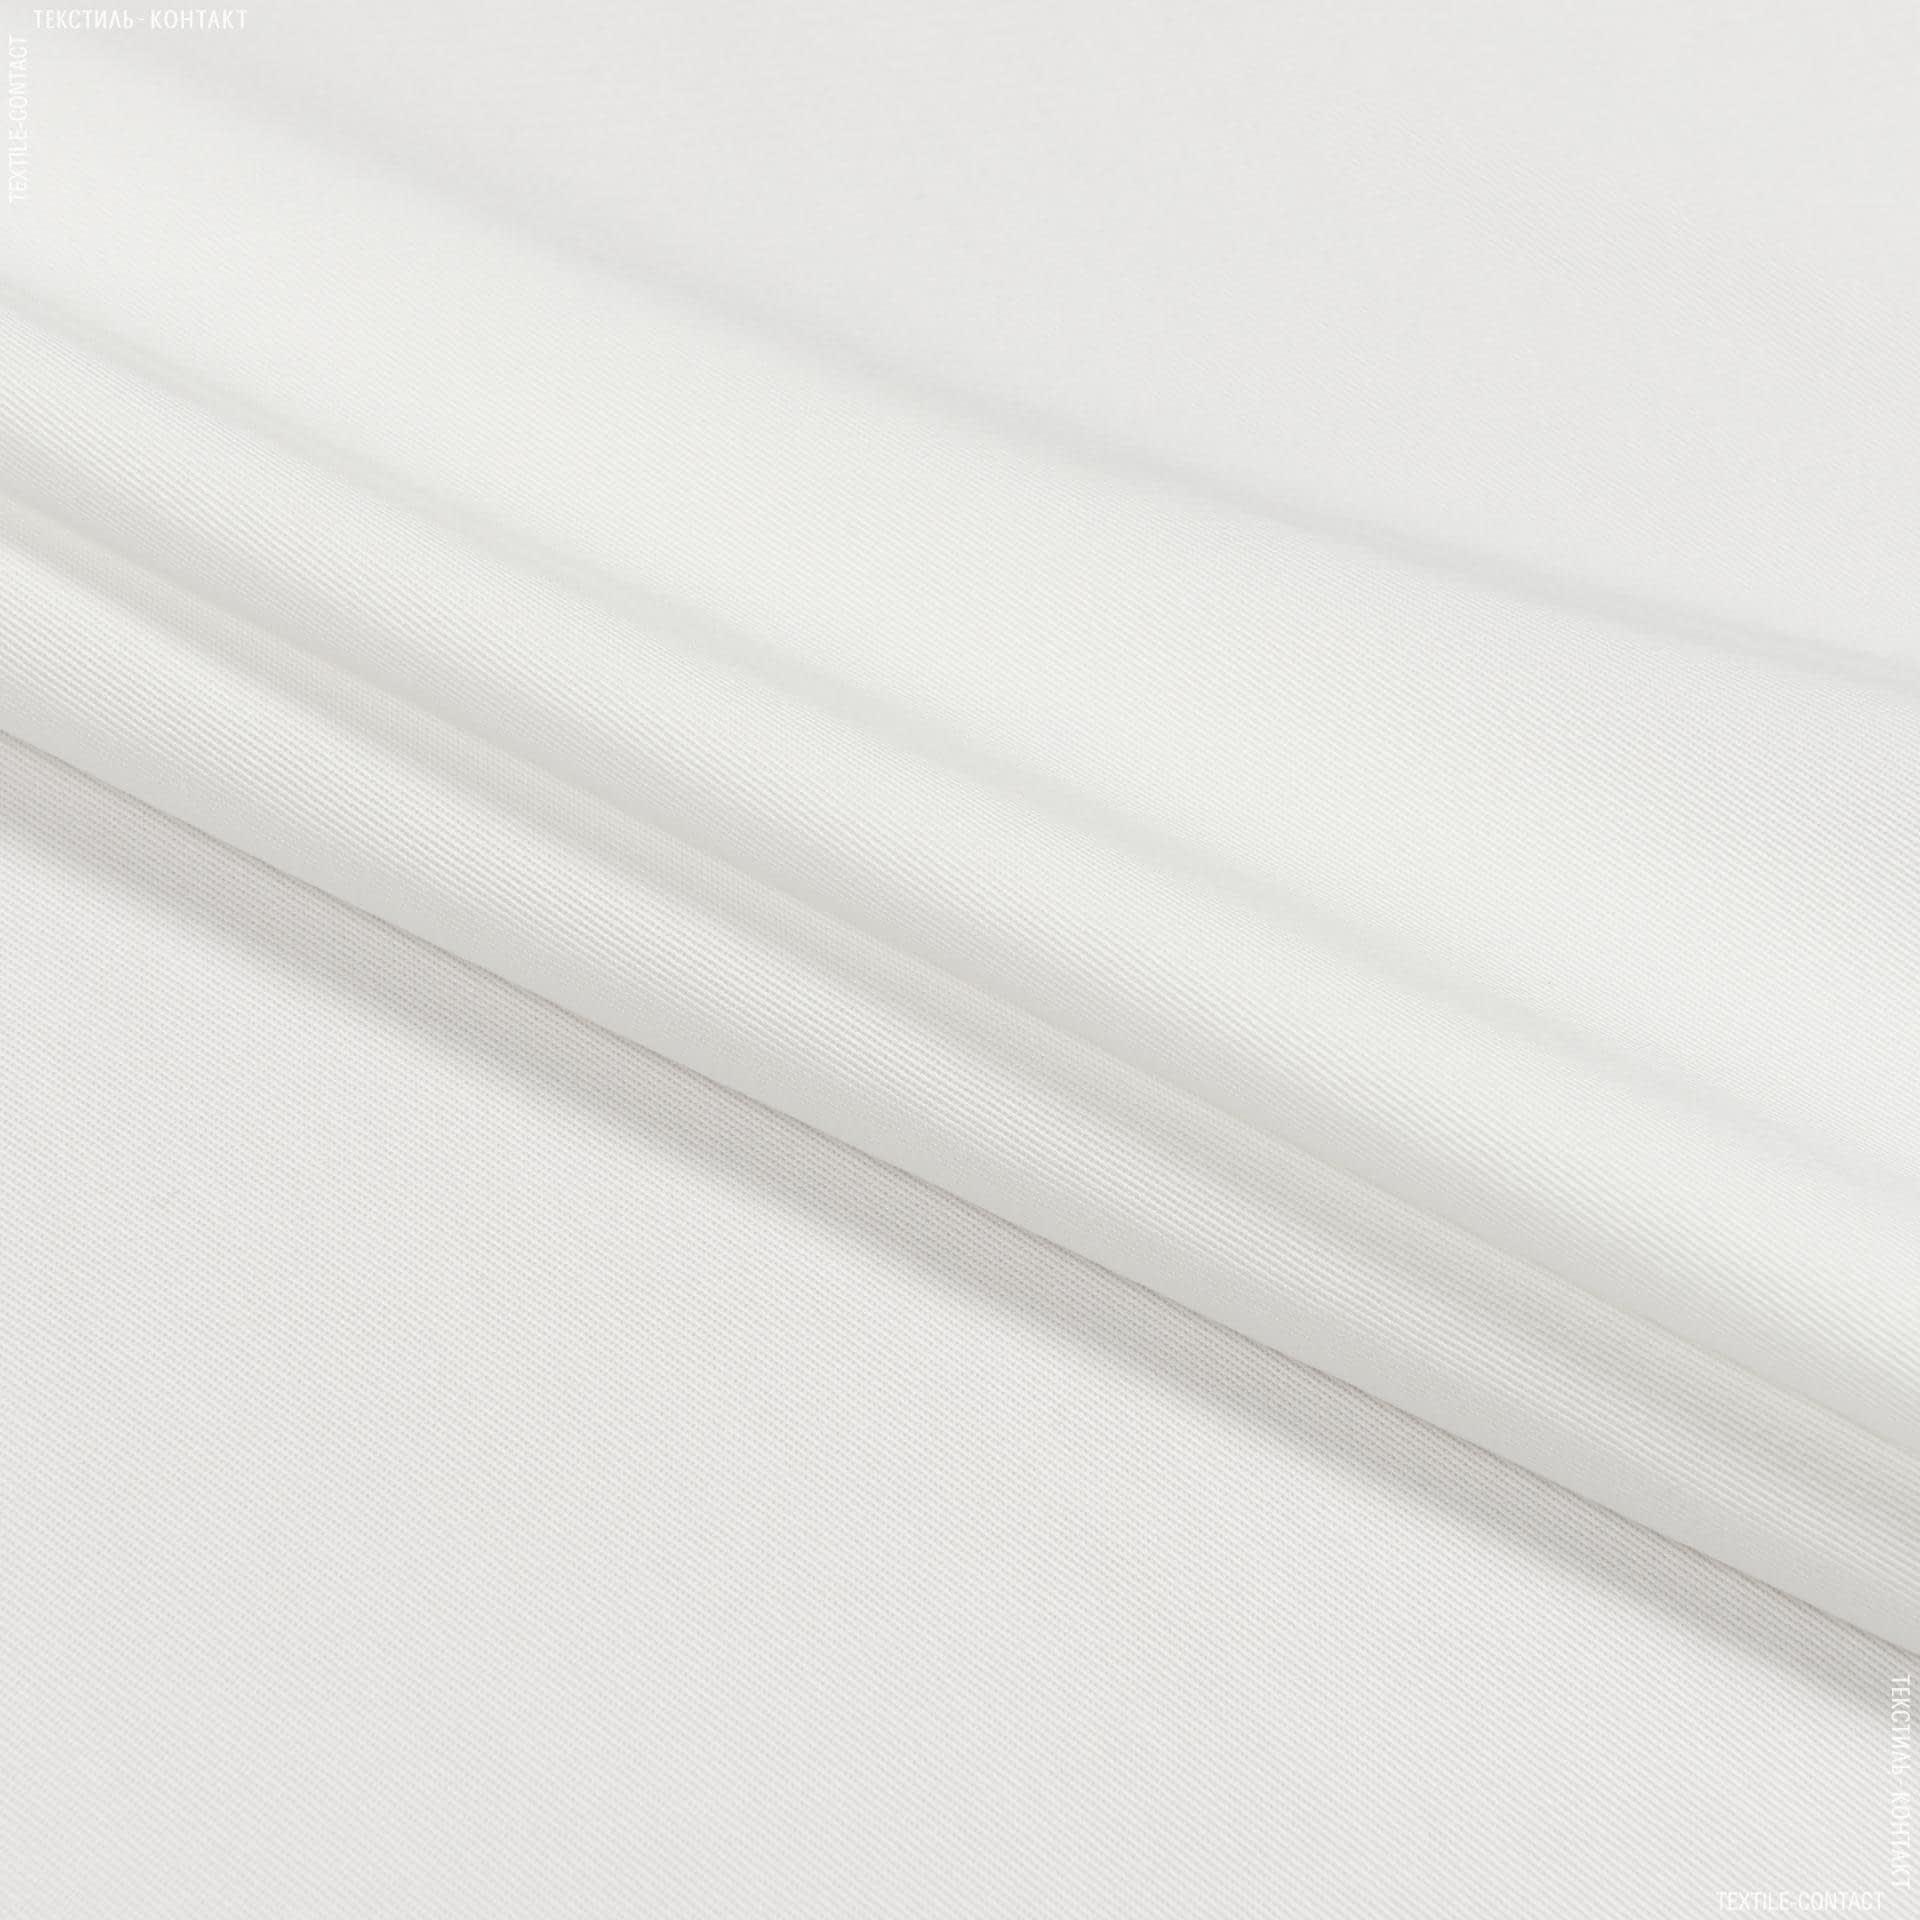 Ткани для платьев - Плательно-костюмная тенсел диагональ молочный